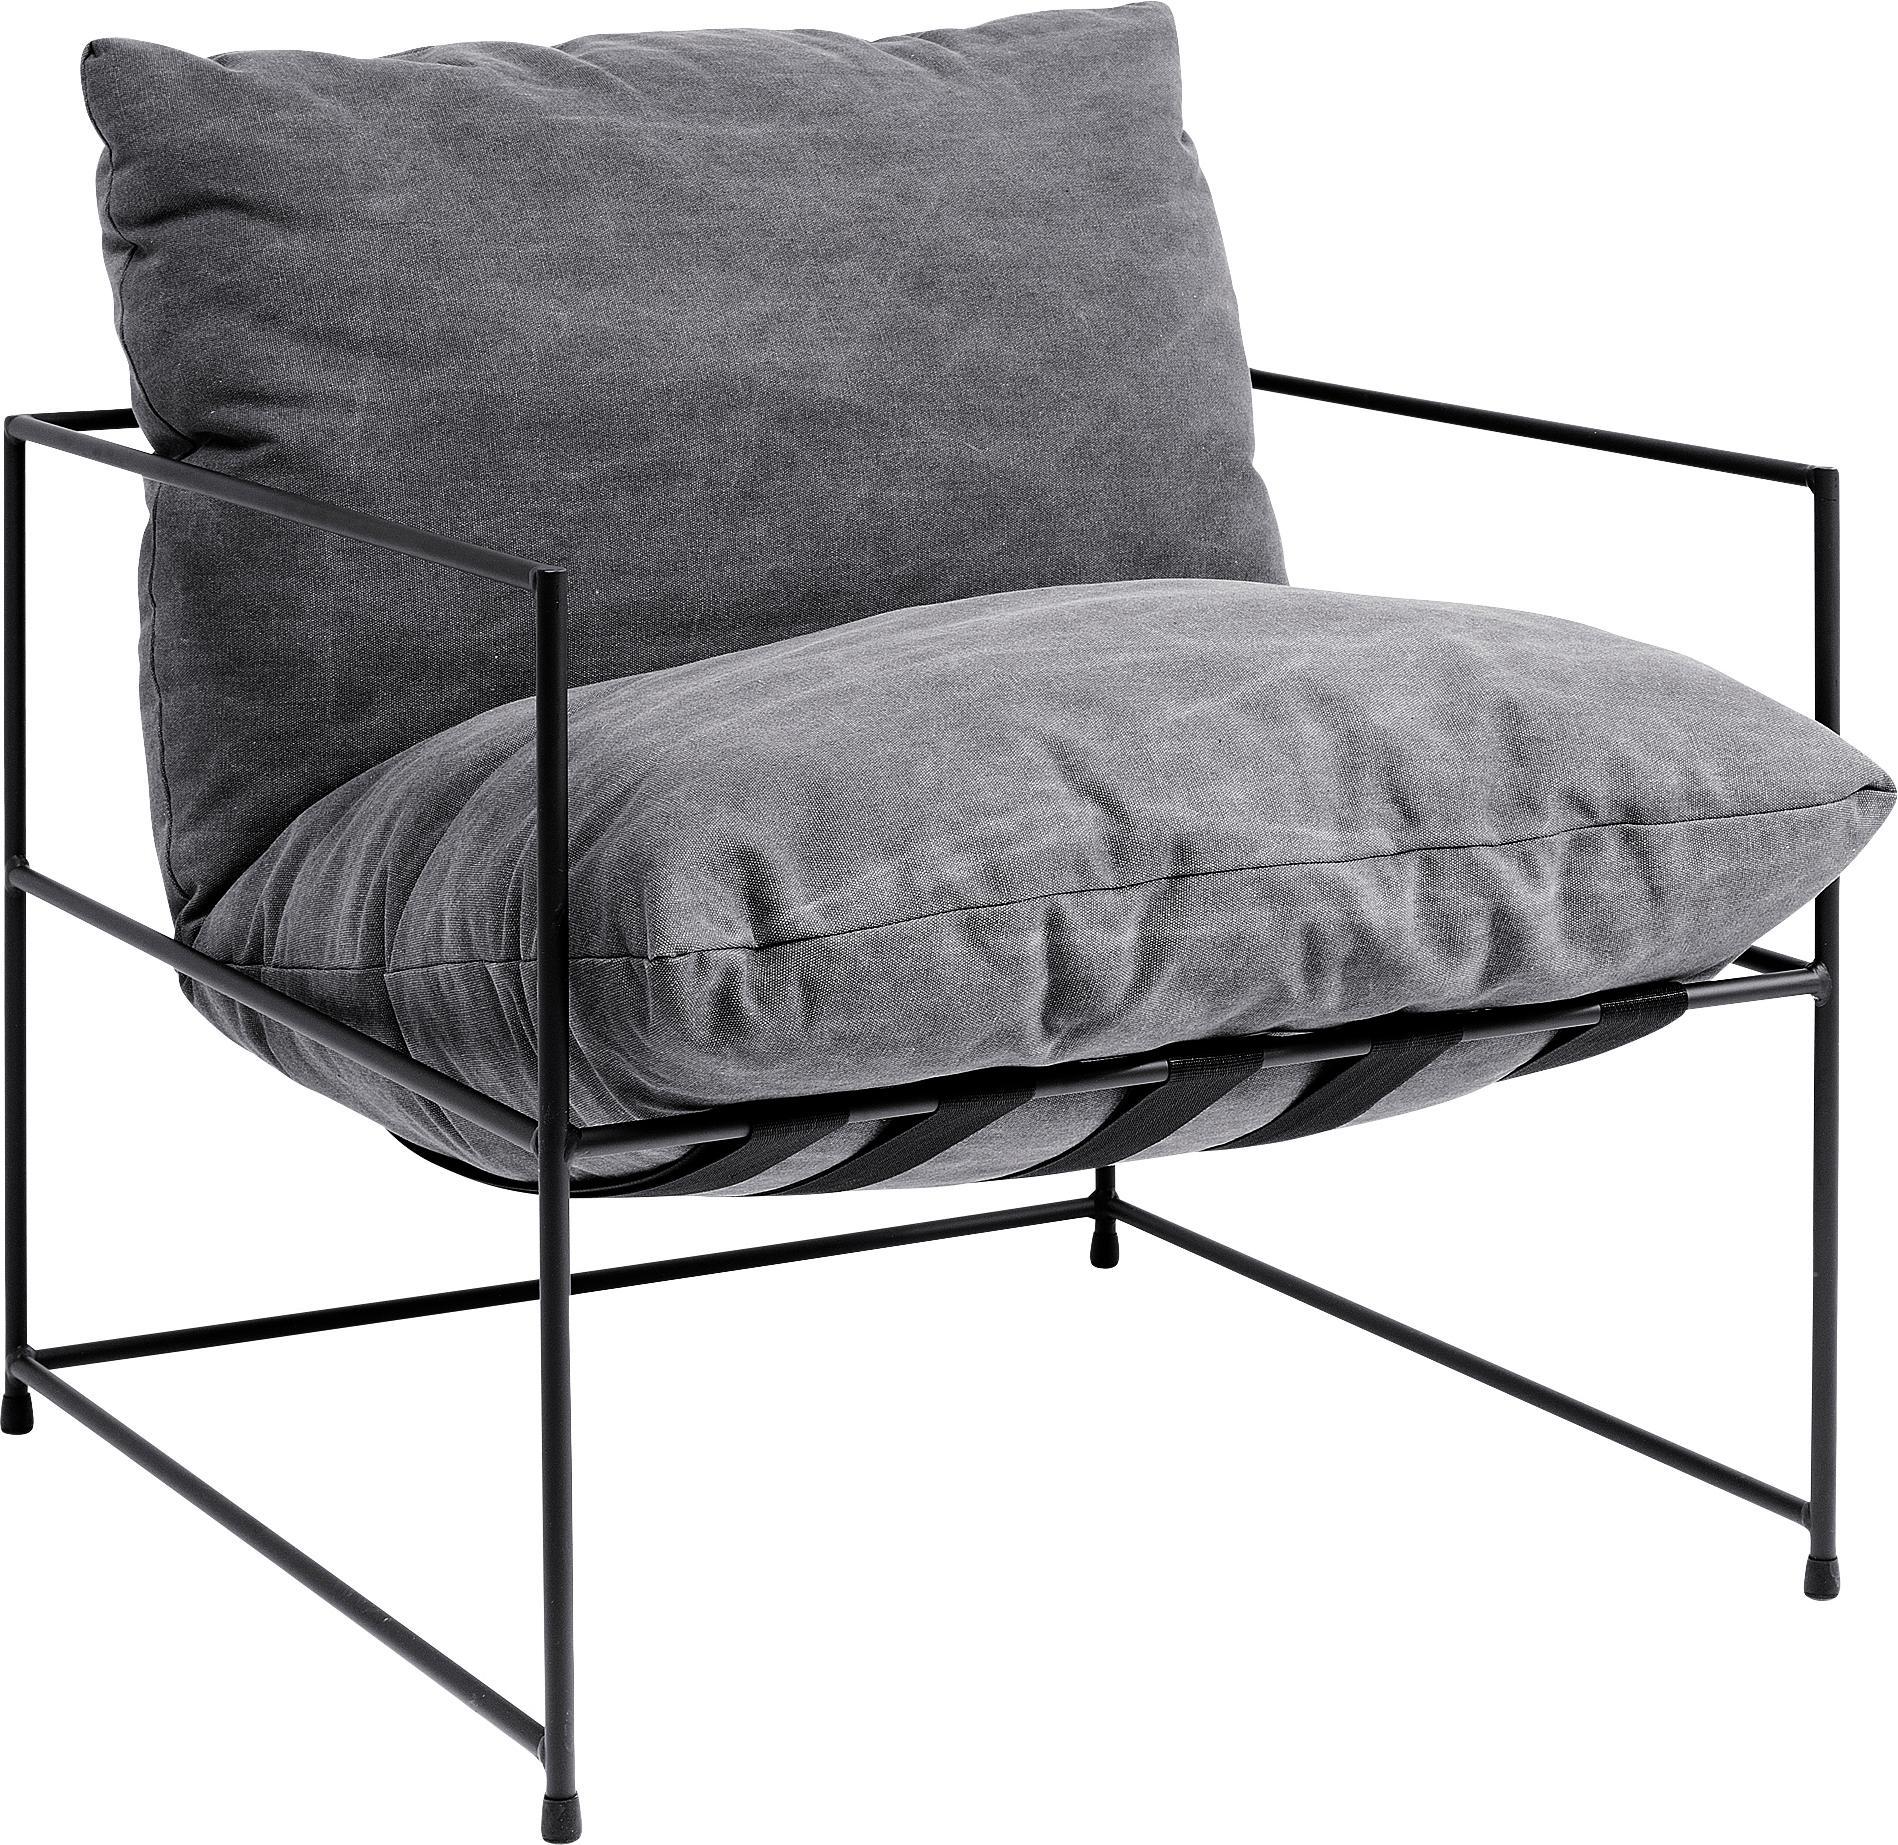 Moderner Sessel Cornwall in Grau, Bezug: 85% Baumwolle, 15% Polyes, Gestell: Stahl, pulverbeschichtet, Webstoff Grau, B 72 x T 75 cm